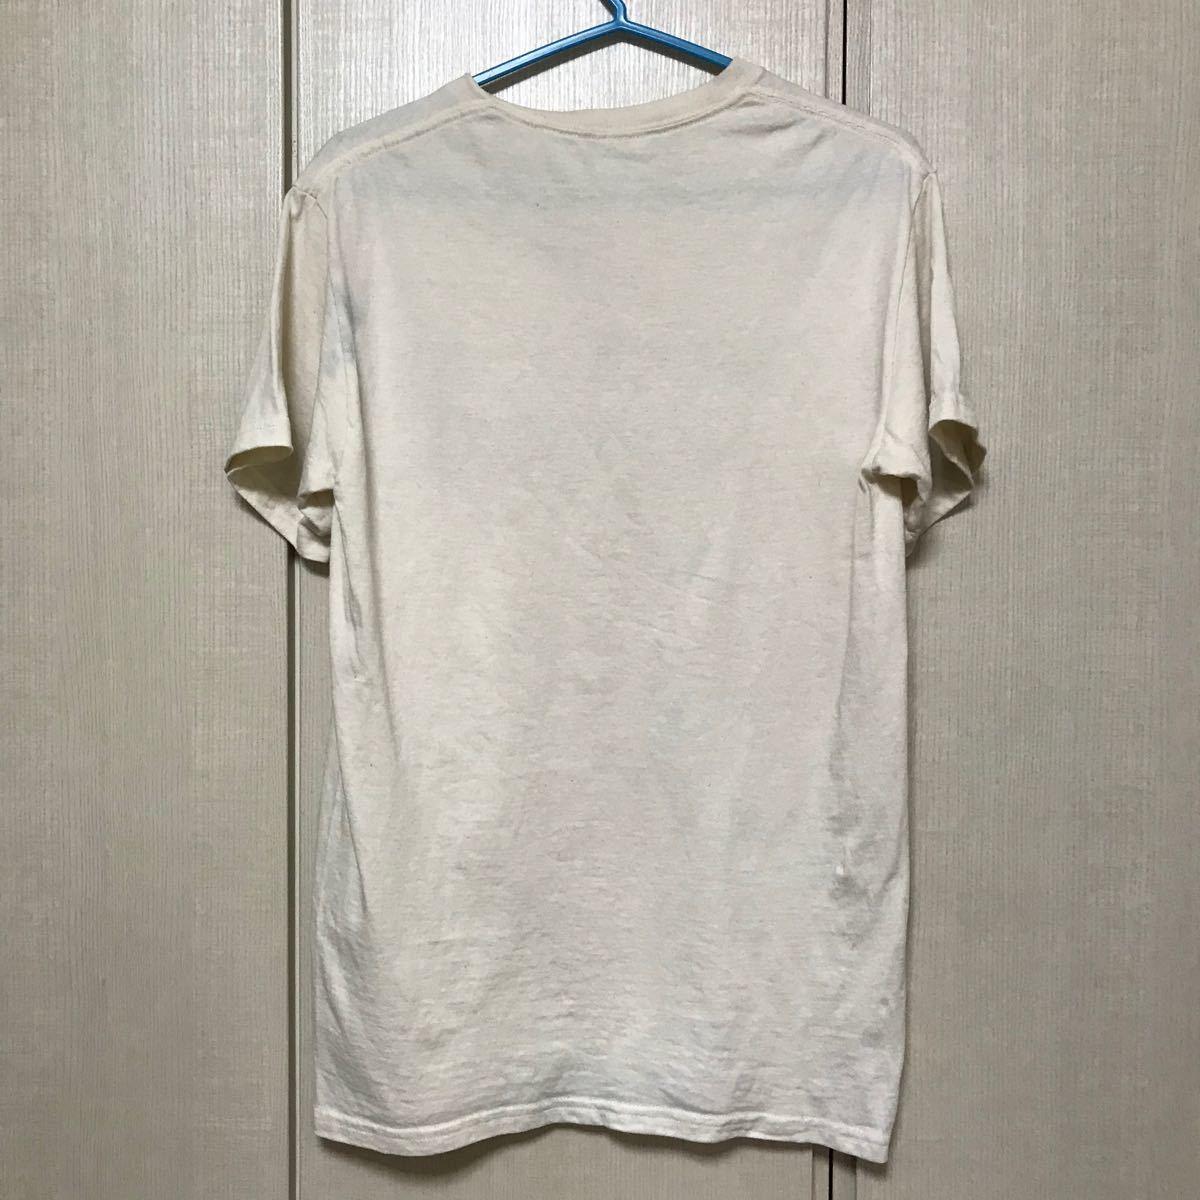 半袖Tシャツ ユニセックス フリーサイズ GILDAN